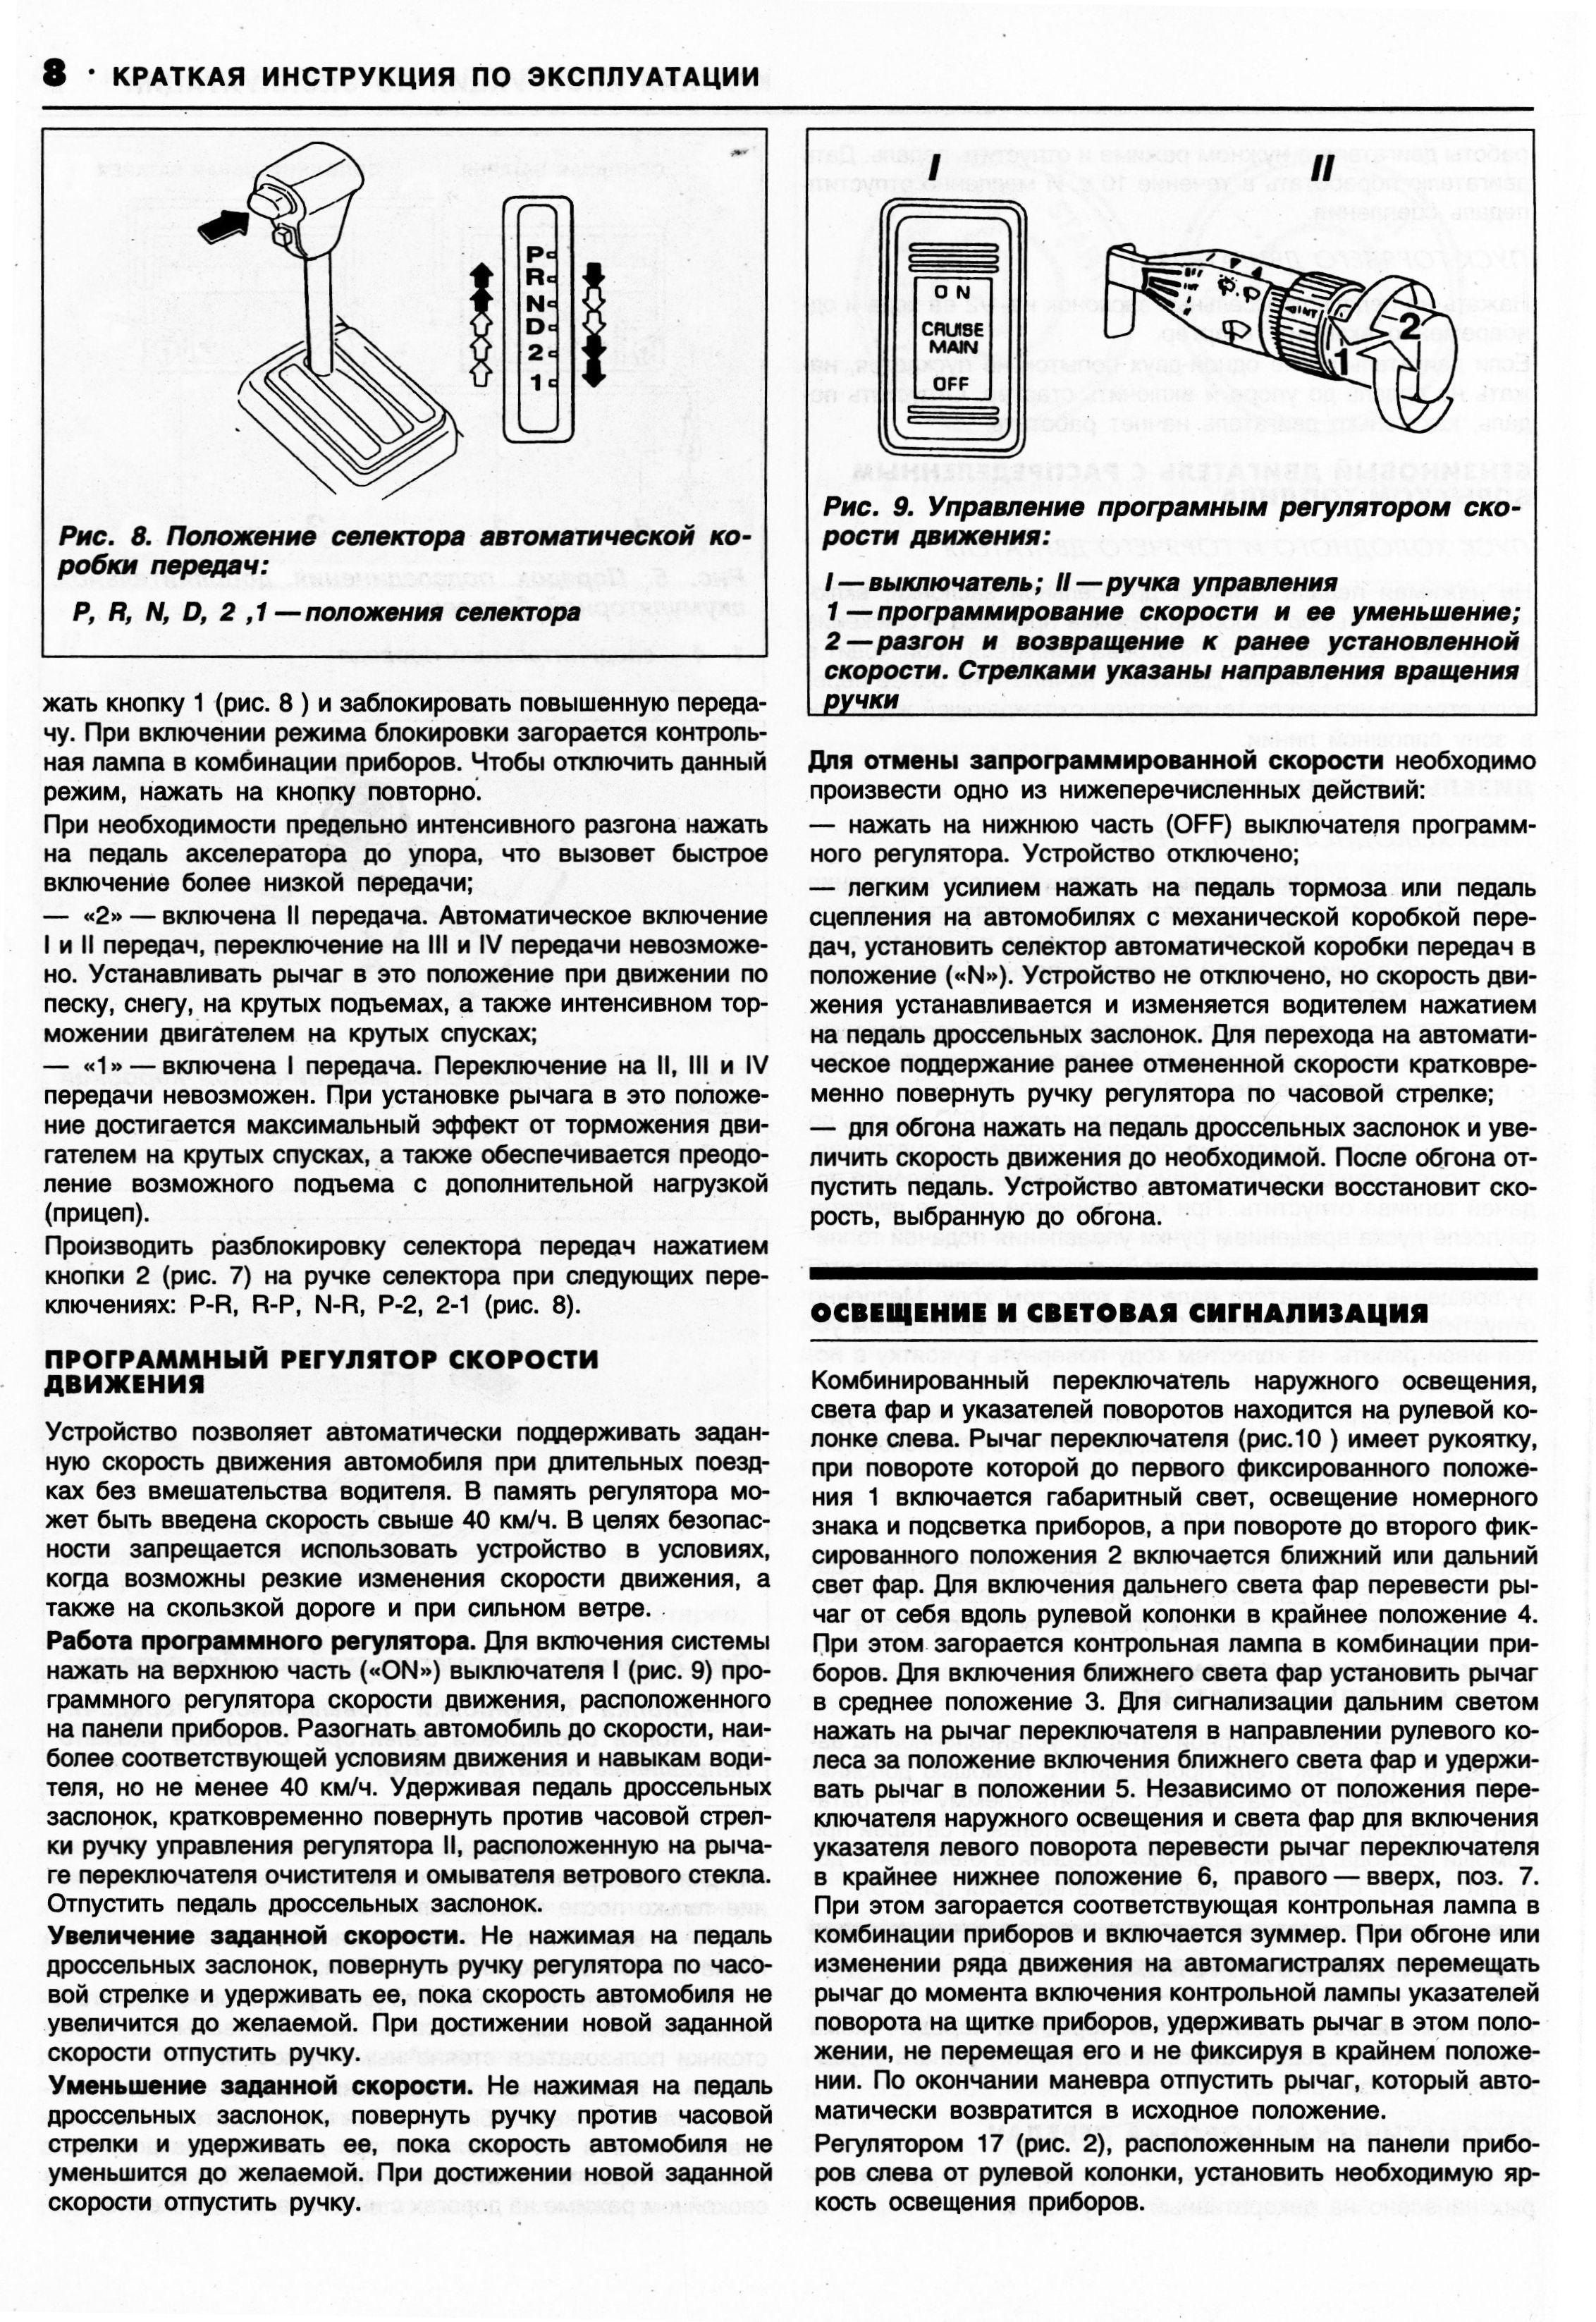 мазда бонго 1993 инструкция